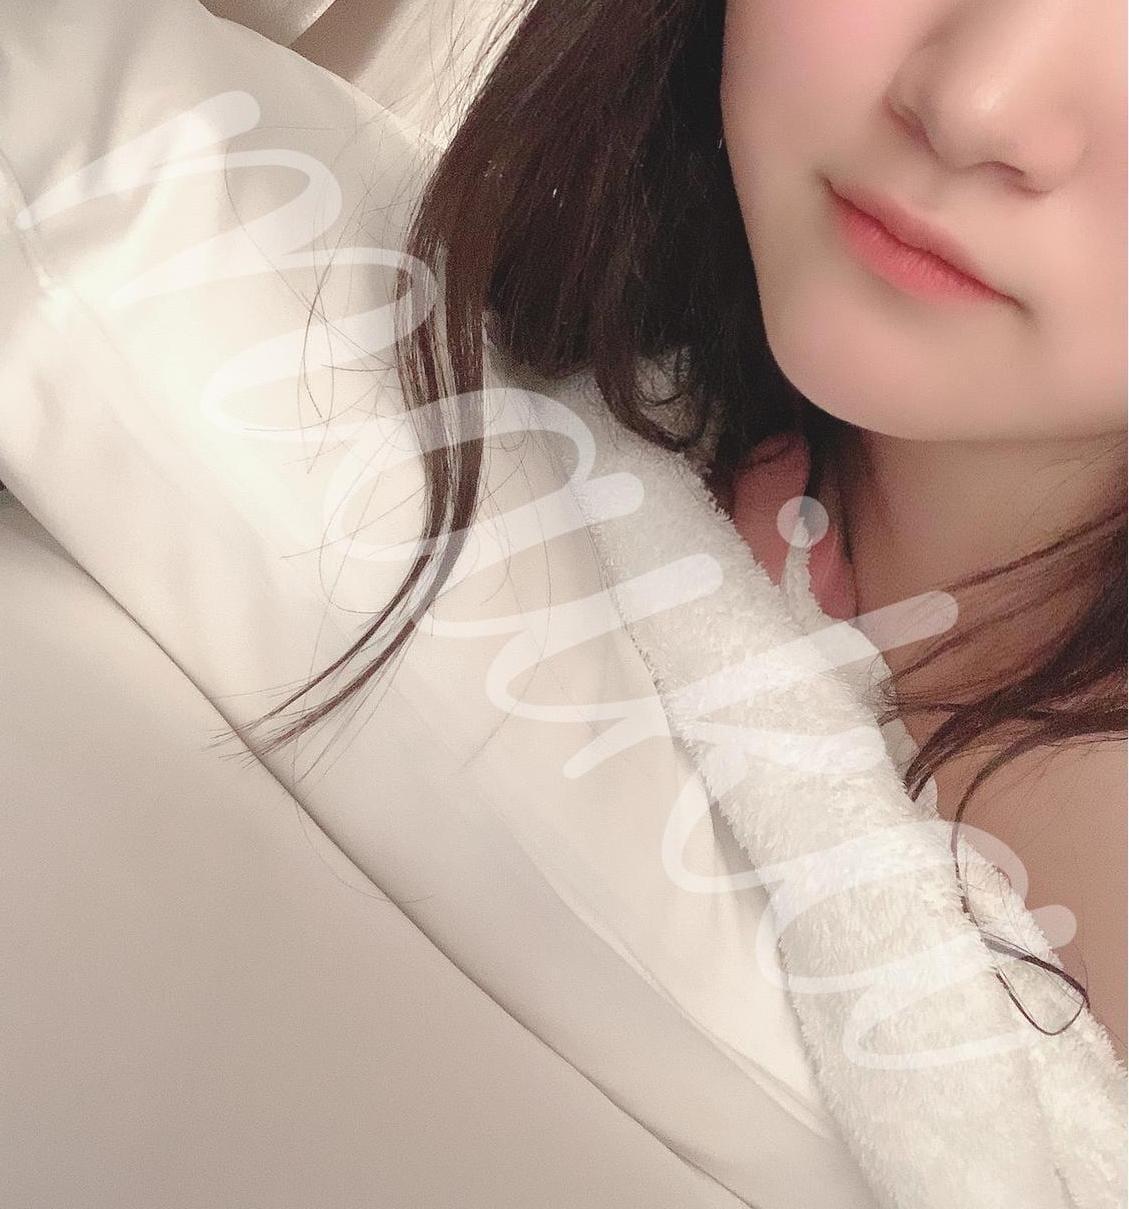 「落合のお兄様??」01/08(水) 05:28 | まいかの写メ・風俗動画